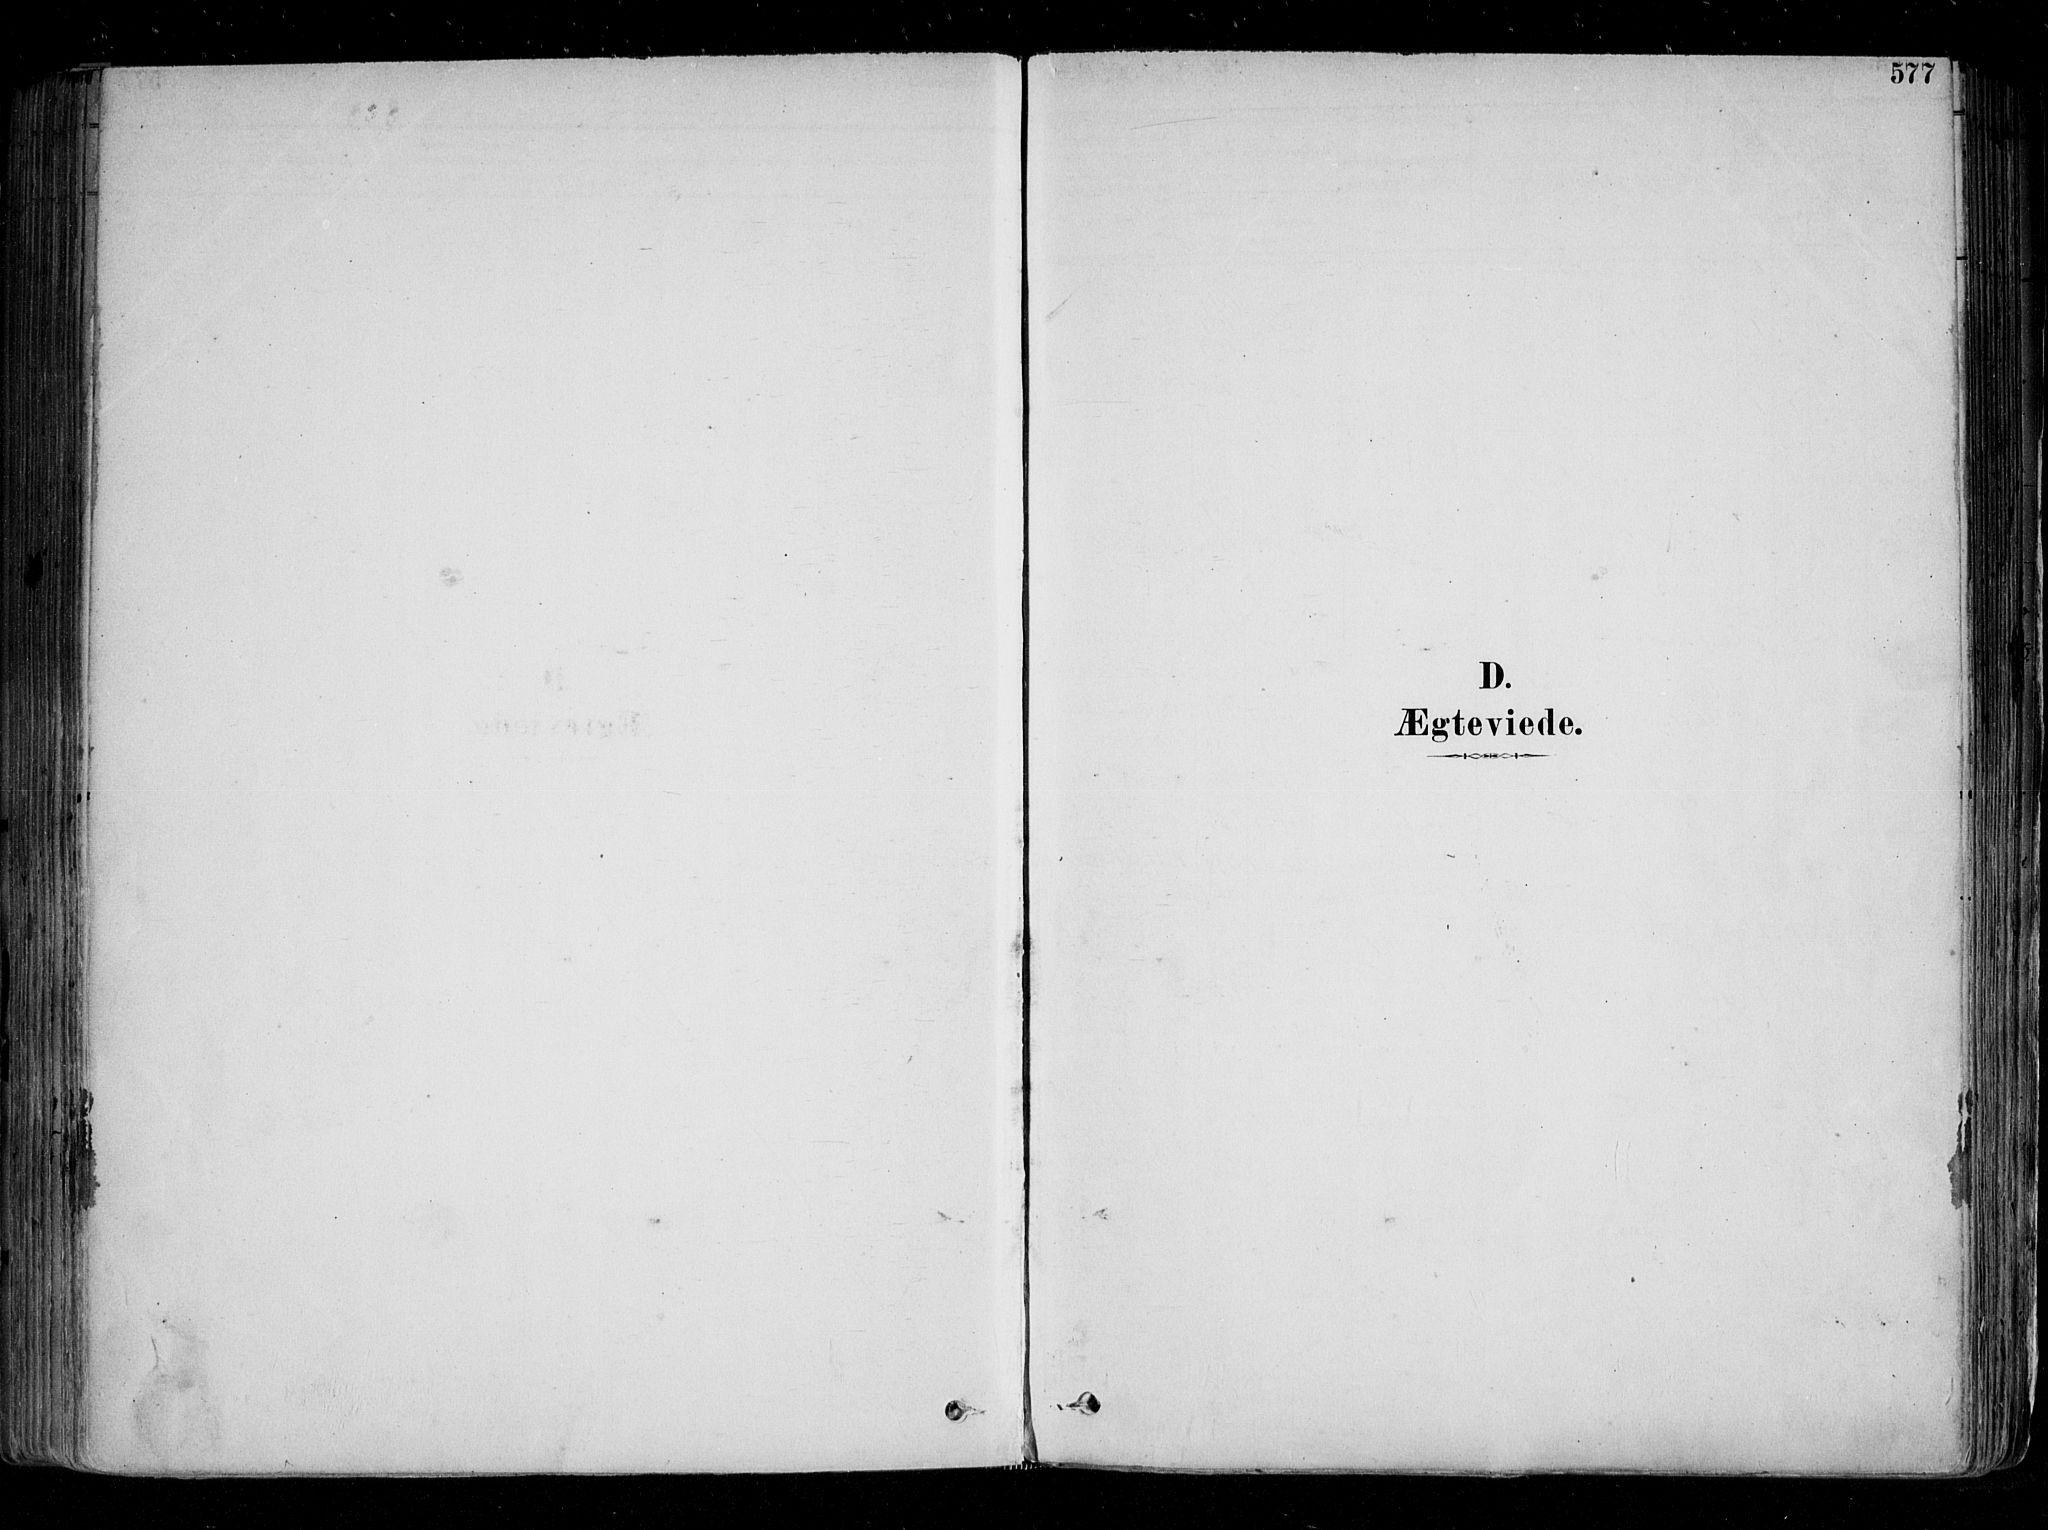 SAO, Fredrikstad domkirkes prestekontor Kirkebøker, F/Fa/L0004: Ministerialbok nr. 4, 1878-1907, s. 577